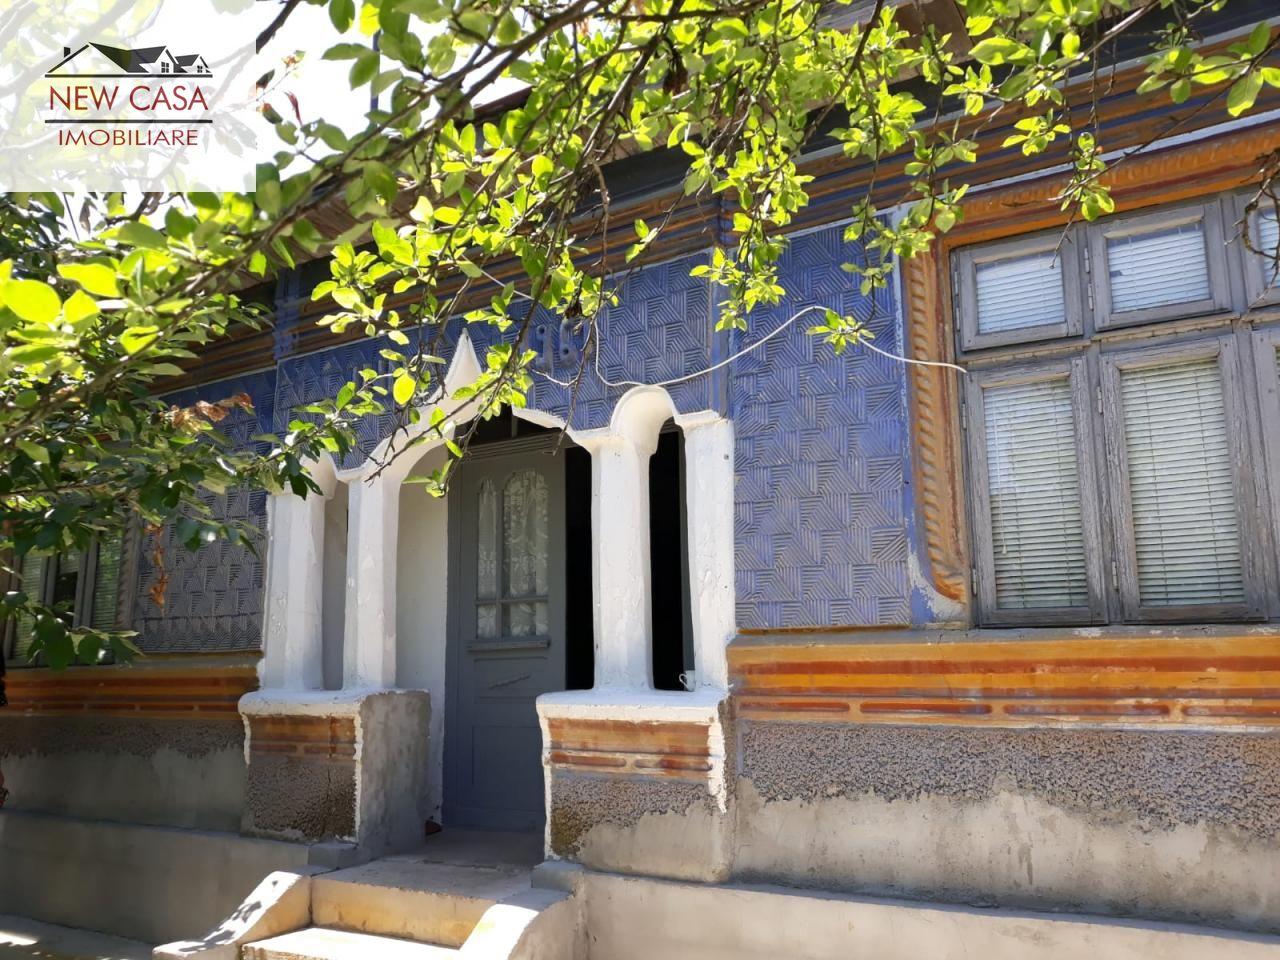 Casa de vanzare, Buzău (judet), Buzău - Foto 1